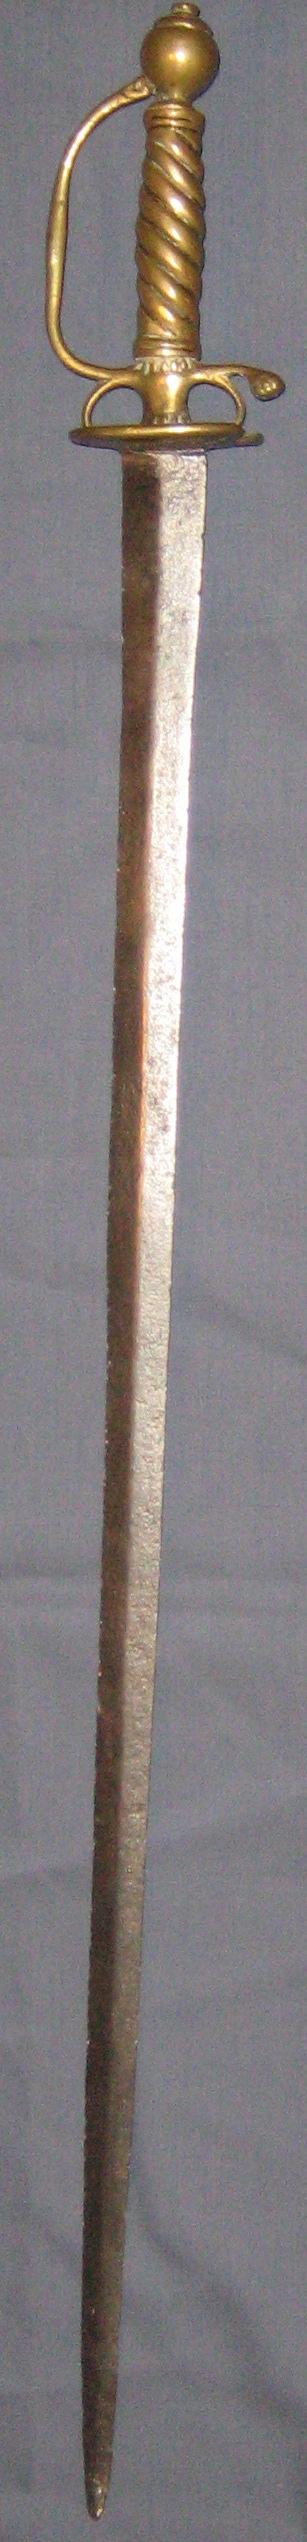 Une épée de soldat du temps de Louis XIV Img_2413